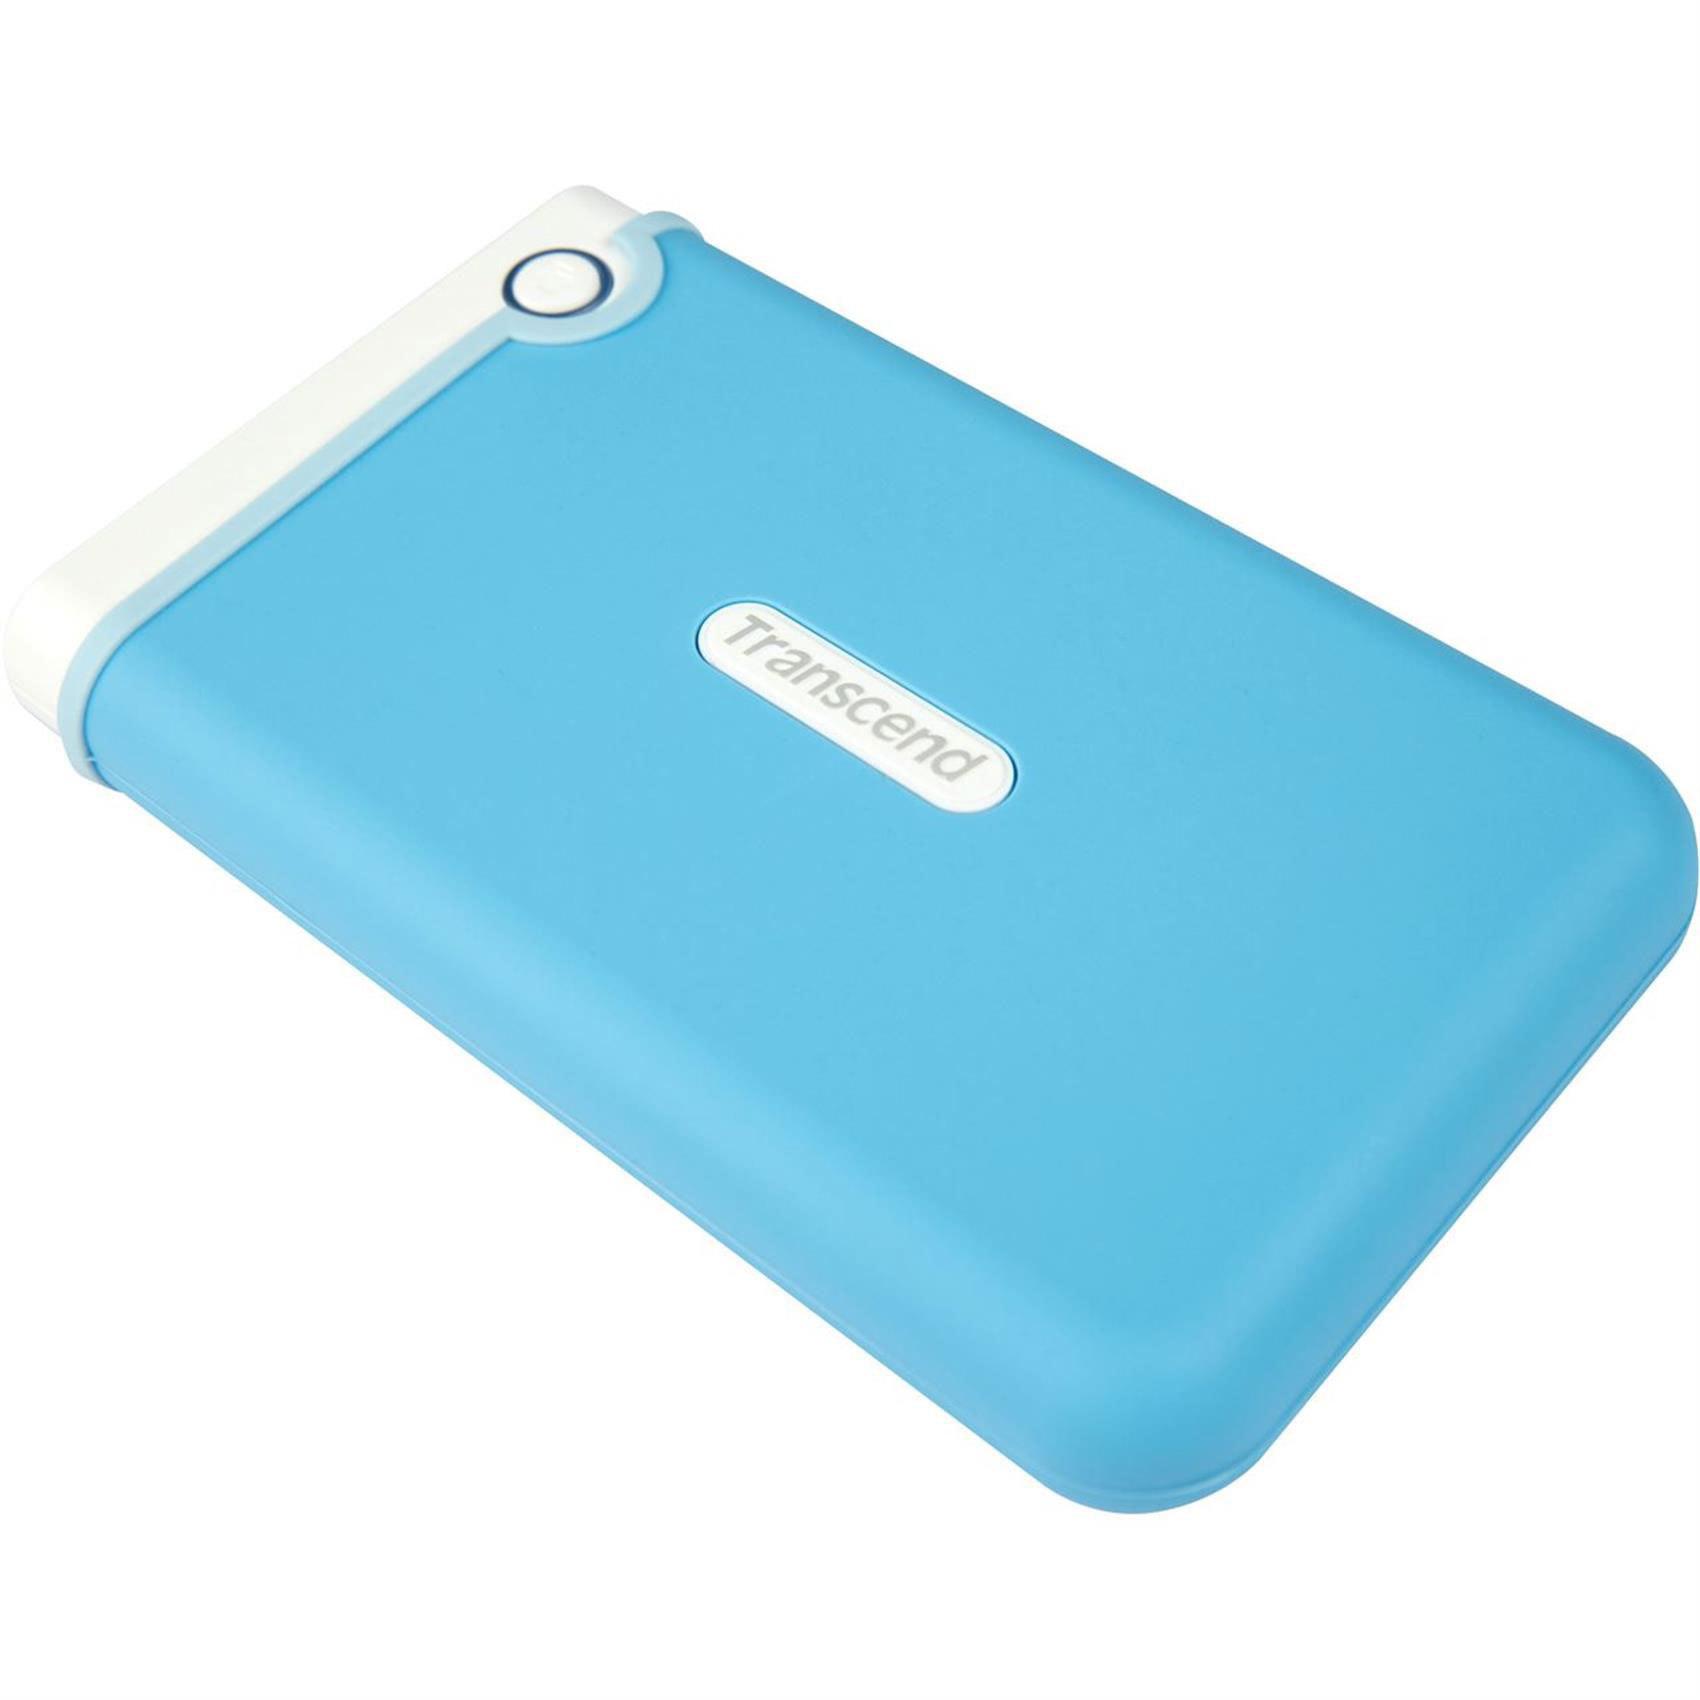 TRANSCEND HDD 1TB M3 BLUE 3.0